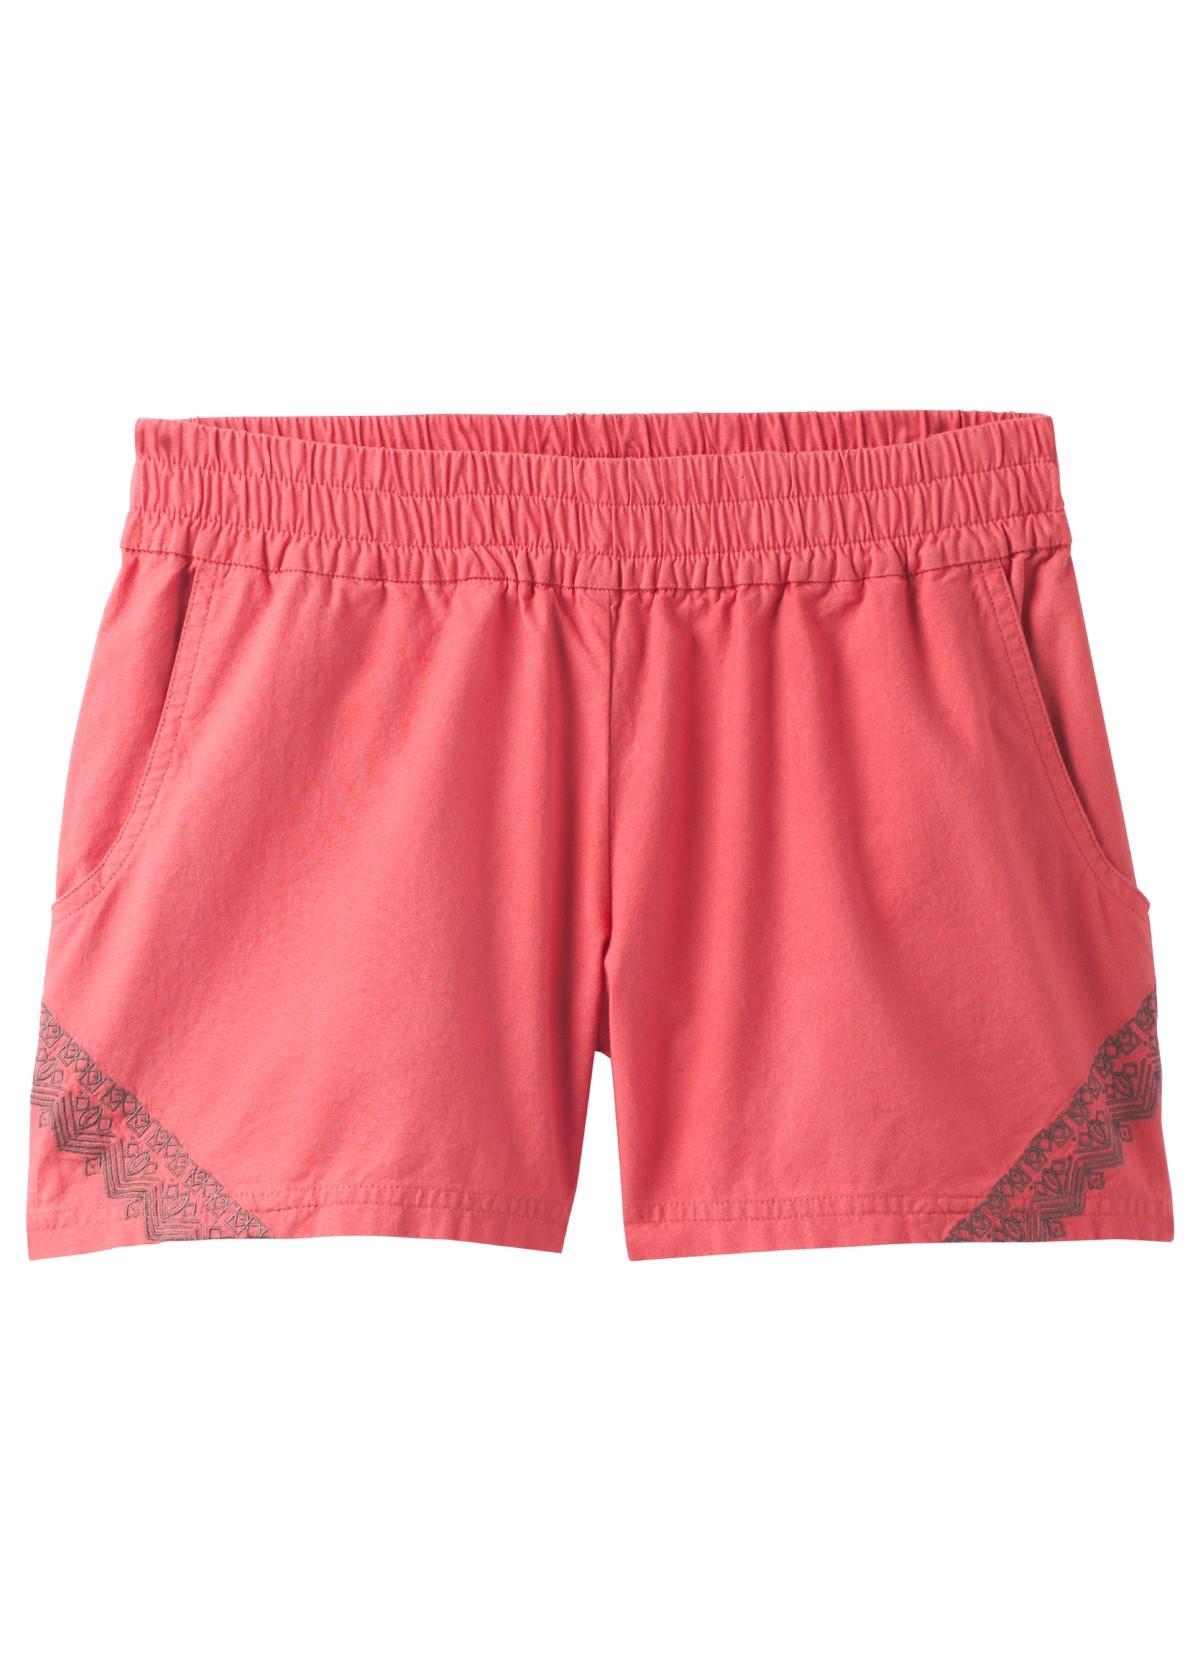 PRANA Hermione Shorts W31180398-PHGE-XS